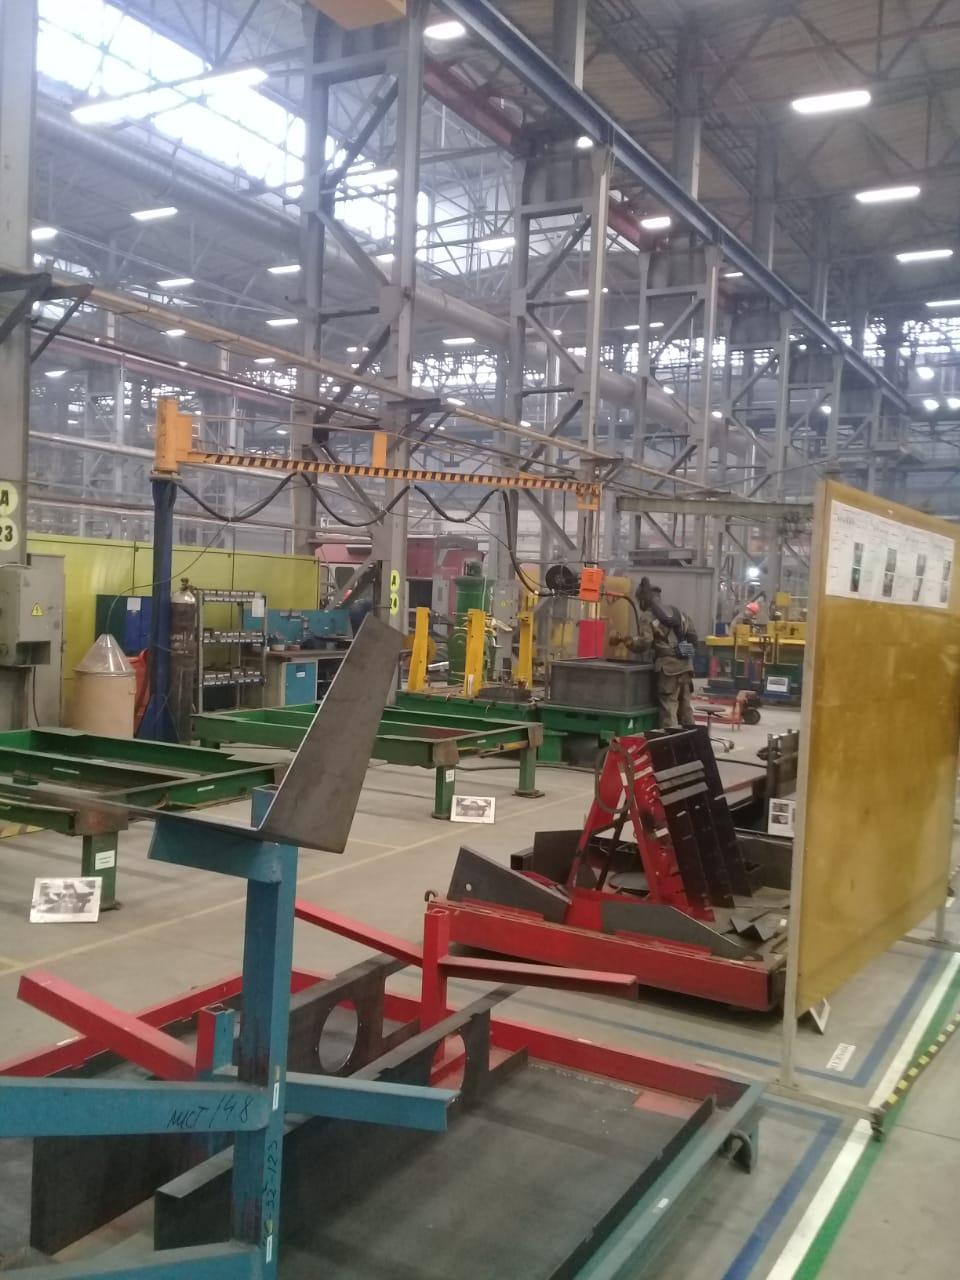 جولة لليوم السابع بمصنع جرارات السكة الحديد الروسى (35)